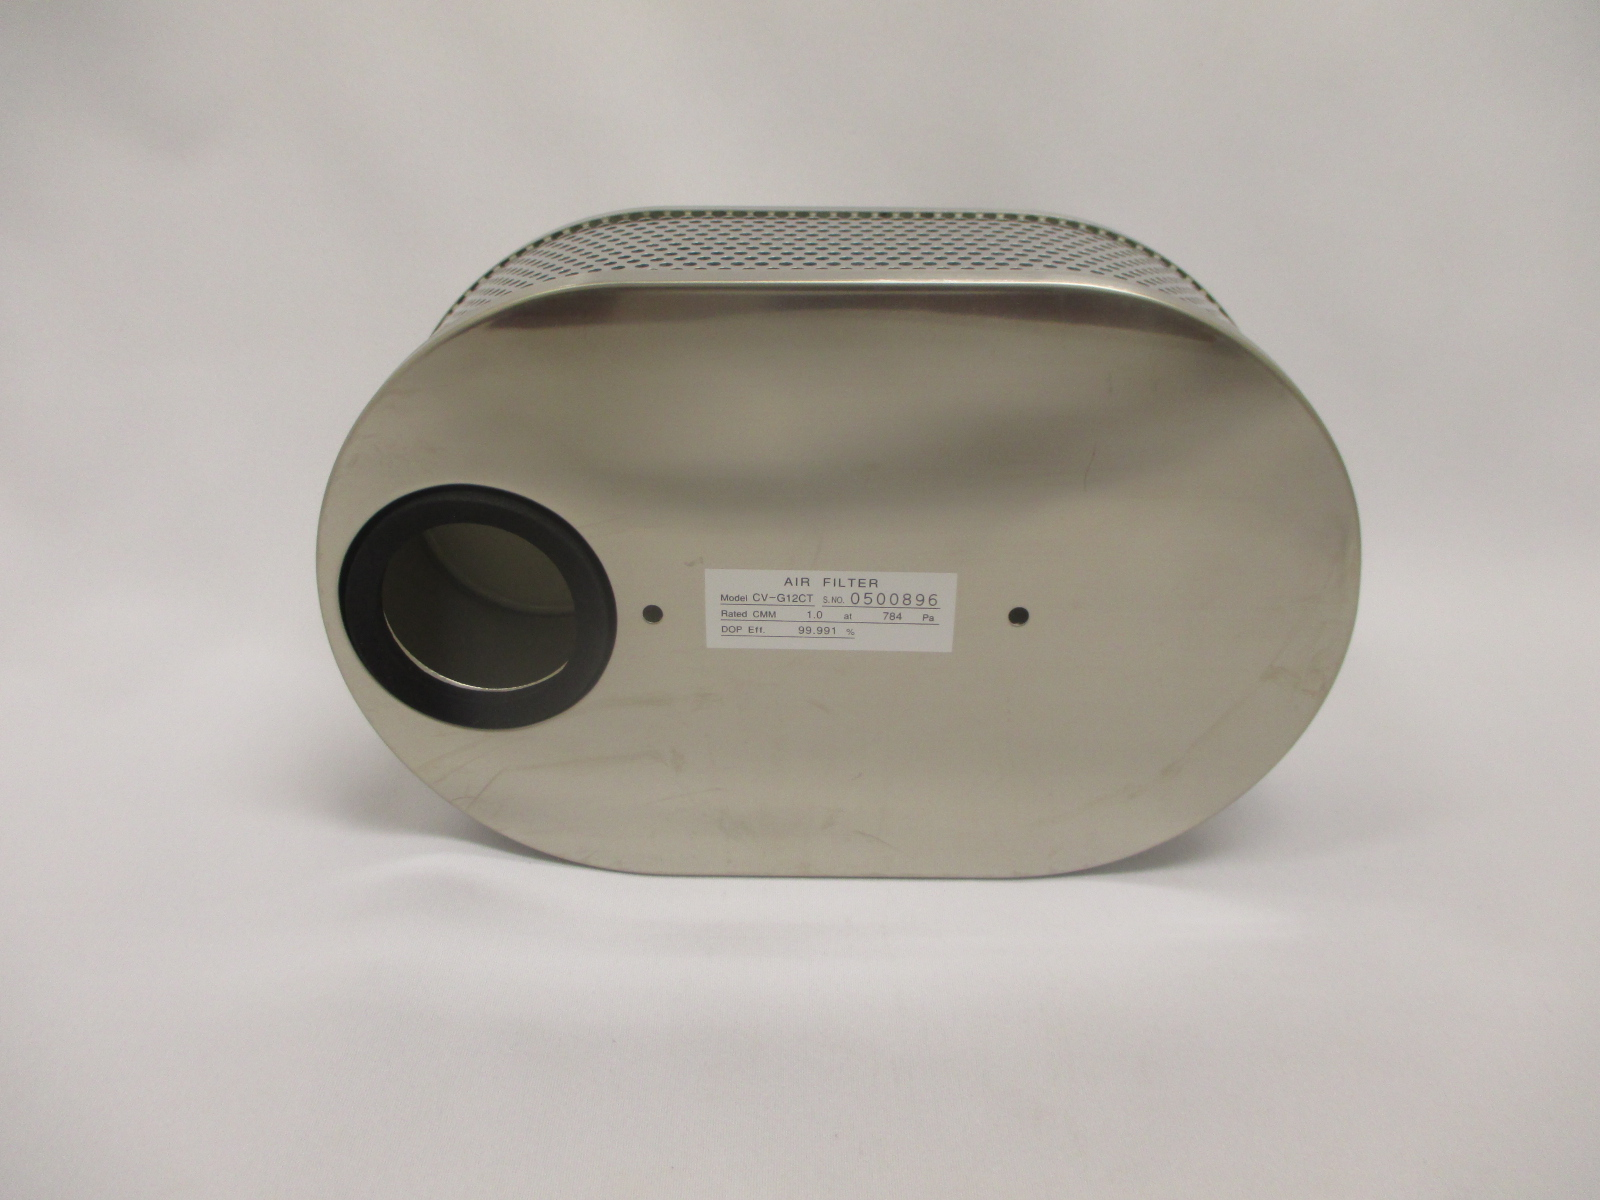 日立 HITACHI 掃除機用フイルタ(ウルパフイルタ) CV-G12CT-001